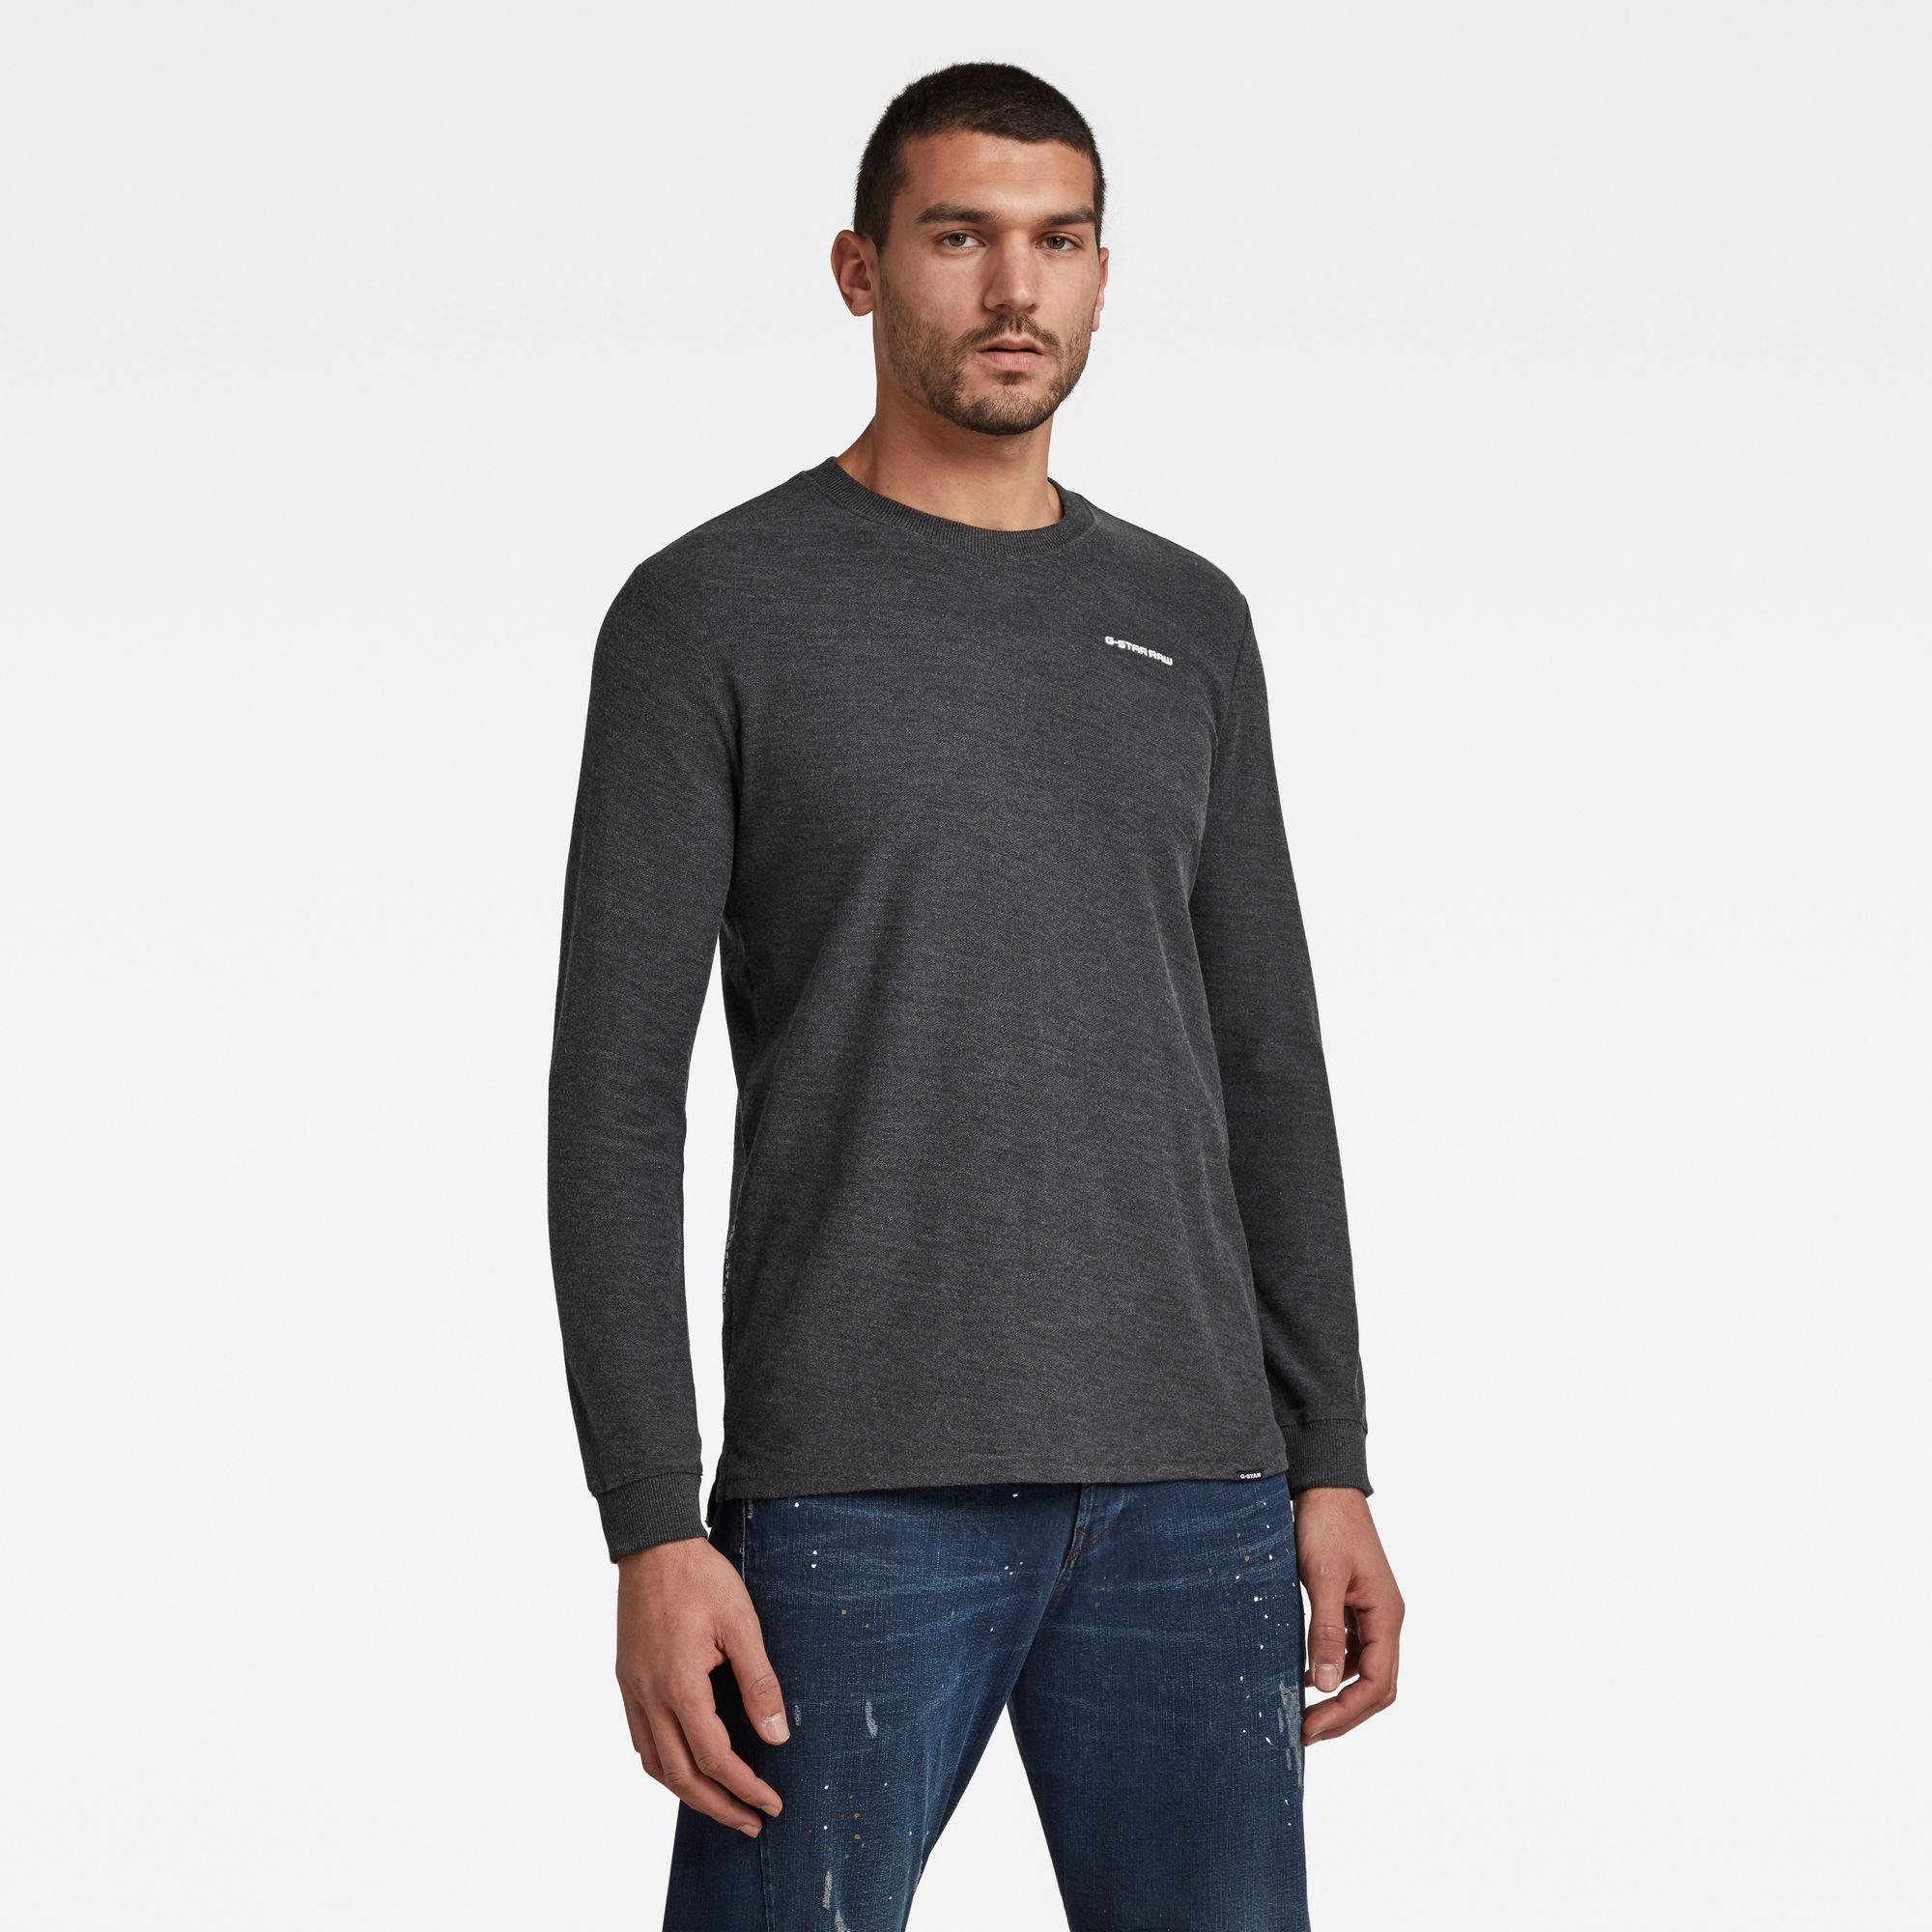 G-Star RAW Heren Textured Stitch Tweater Zwart